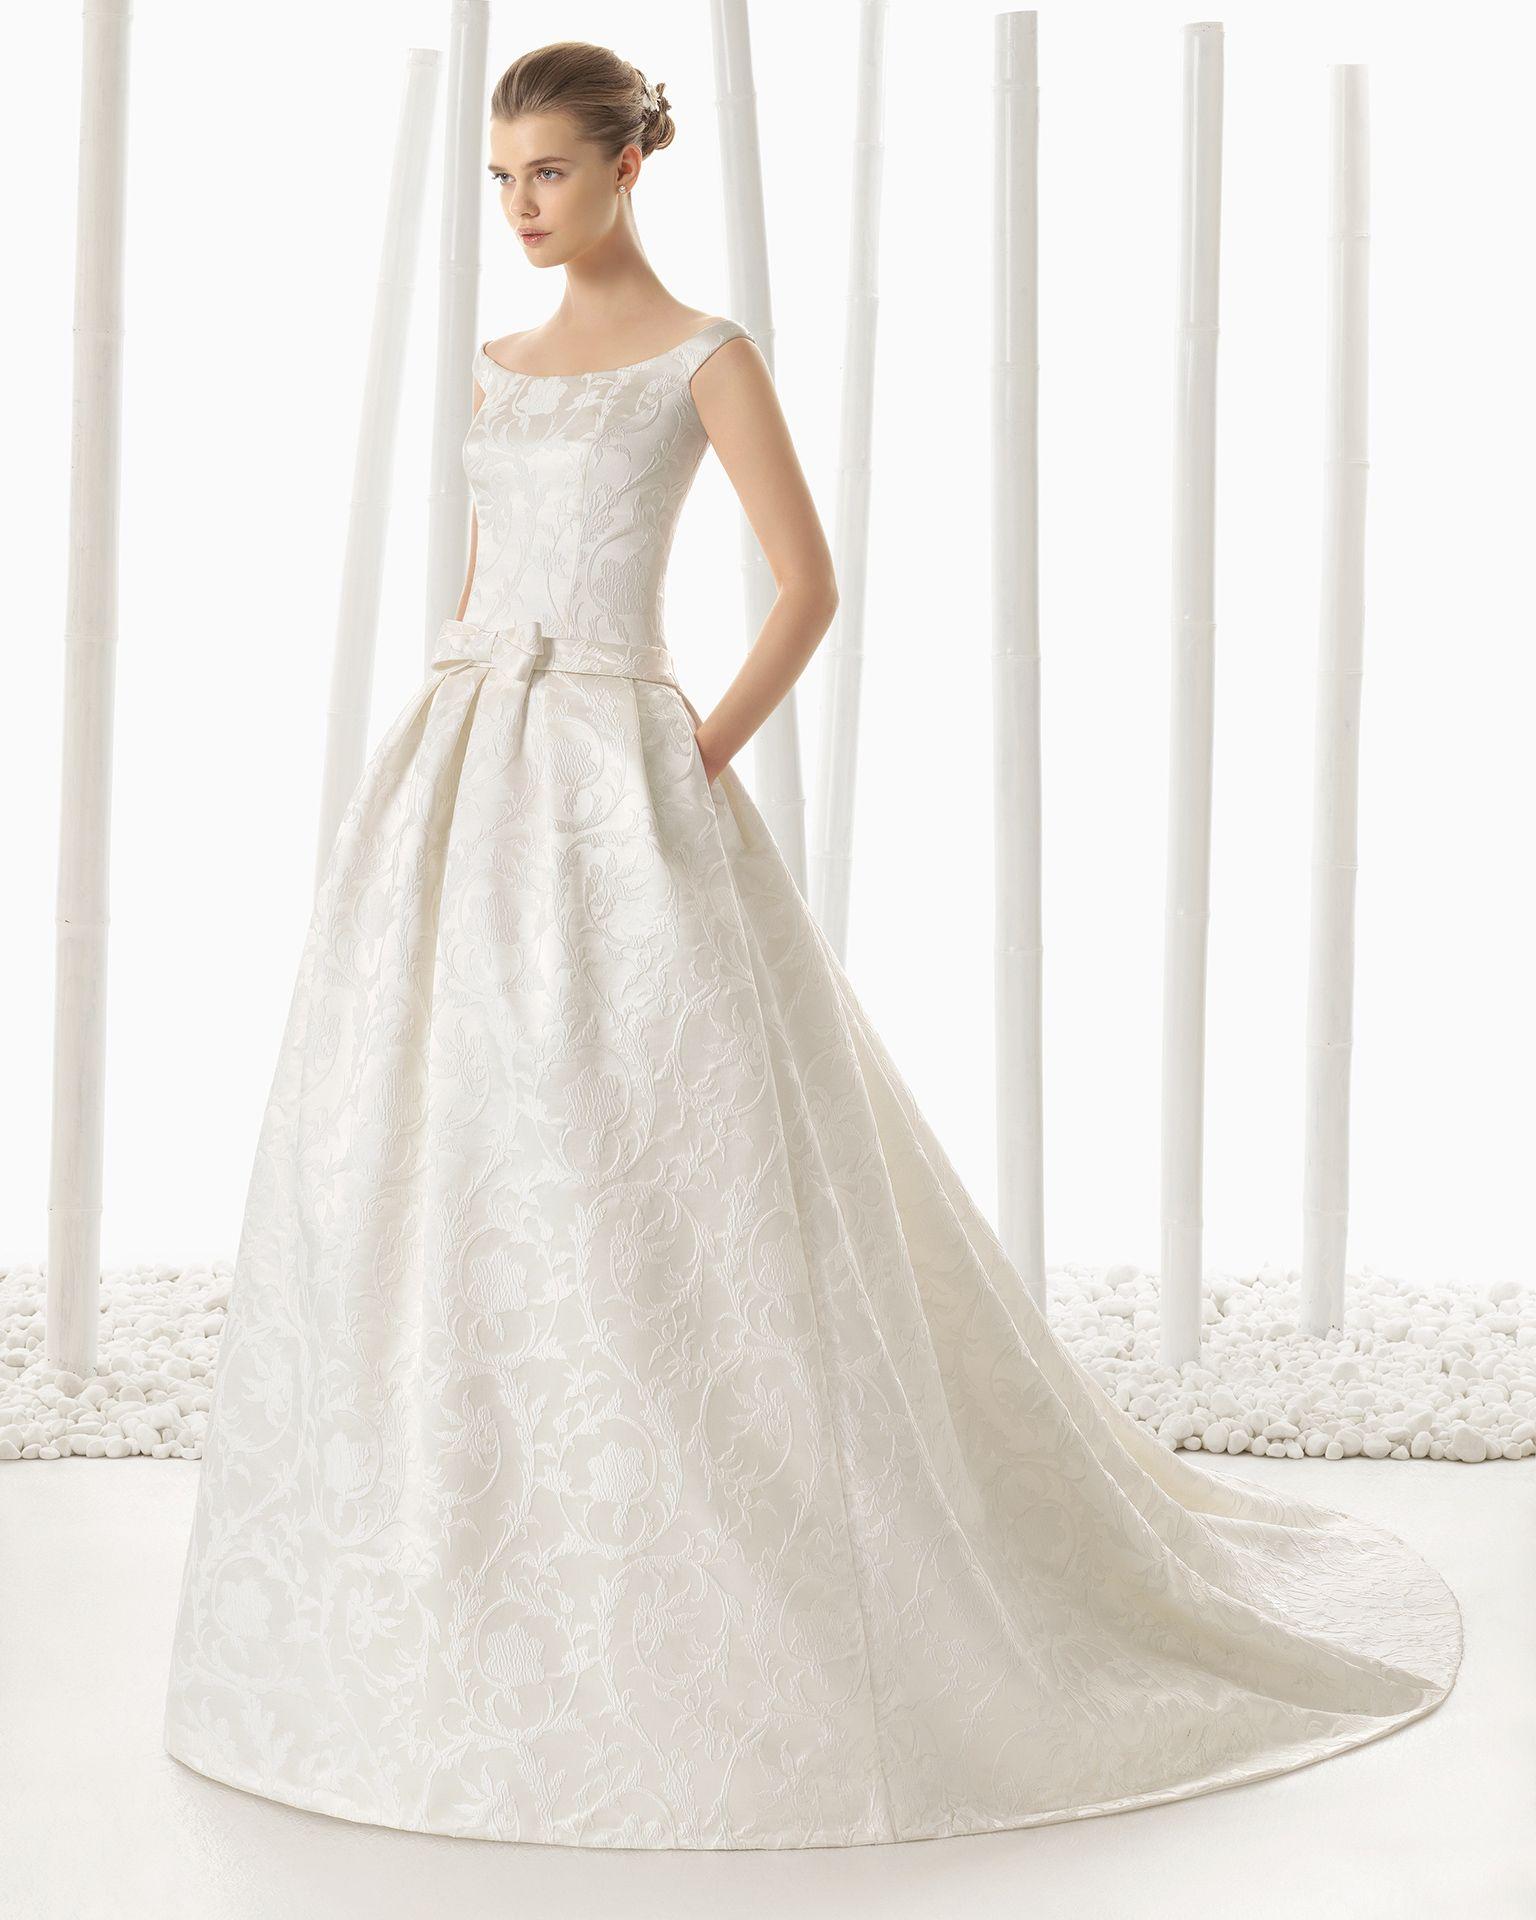 The 25 Most Pinned Wedding Dresses Of 2016: Vestido De Noiva De Brocado. Coleção 2016 Rosa Clará